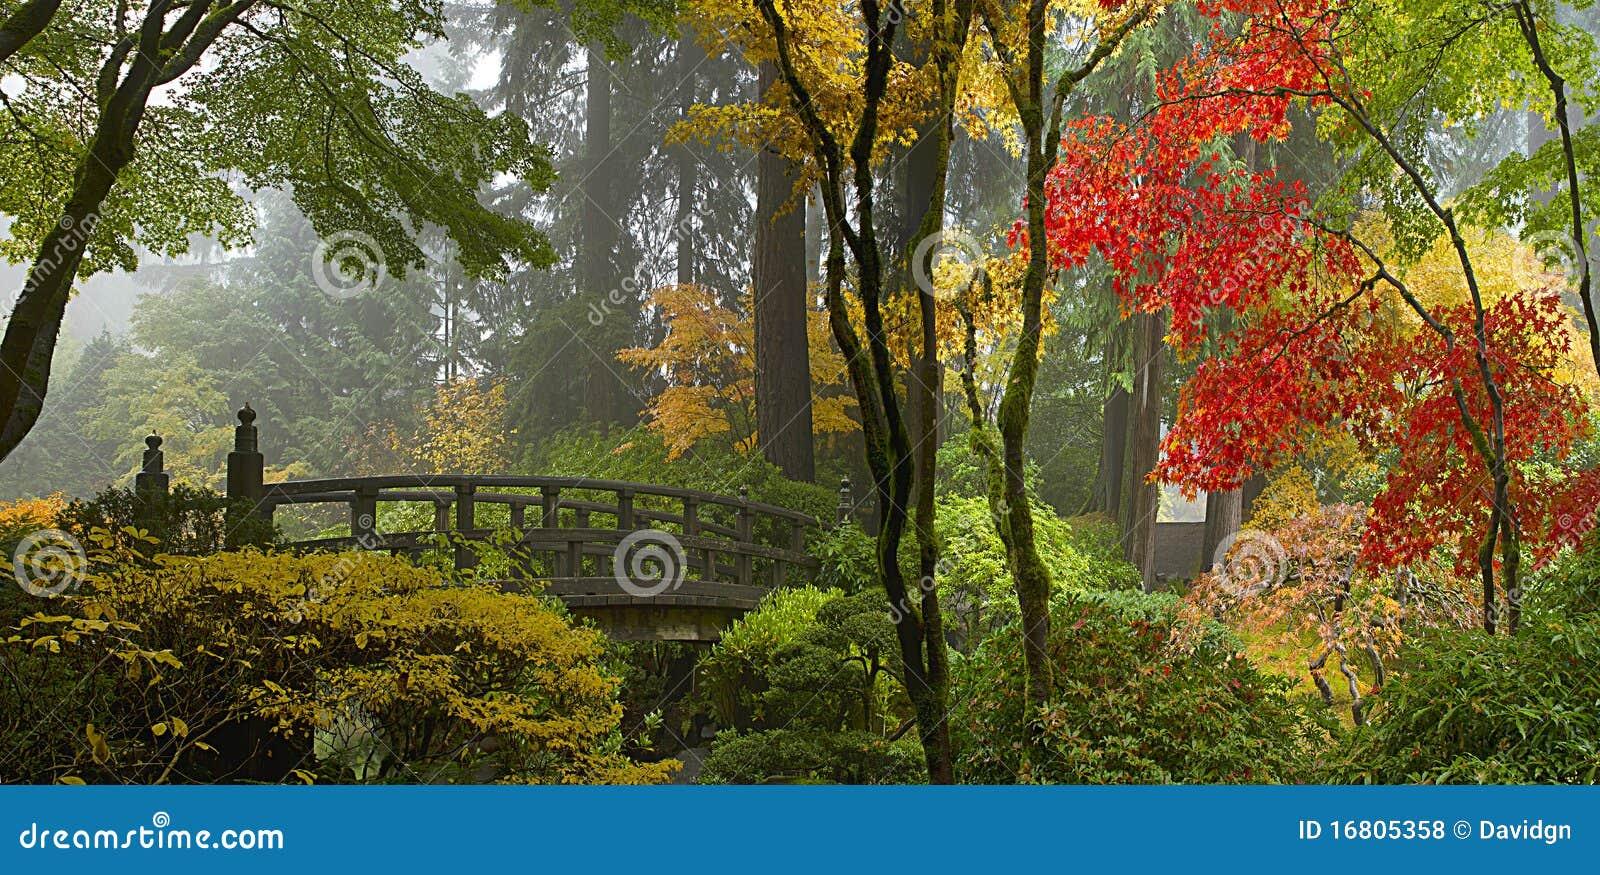 passerelle en bois au jardin japonais en automne photos libres de droits image 16805358. Black Bedroom Furniture Sets. Home Design Ideas